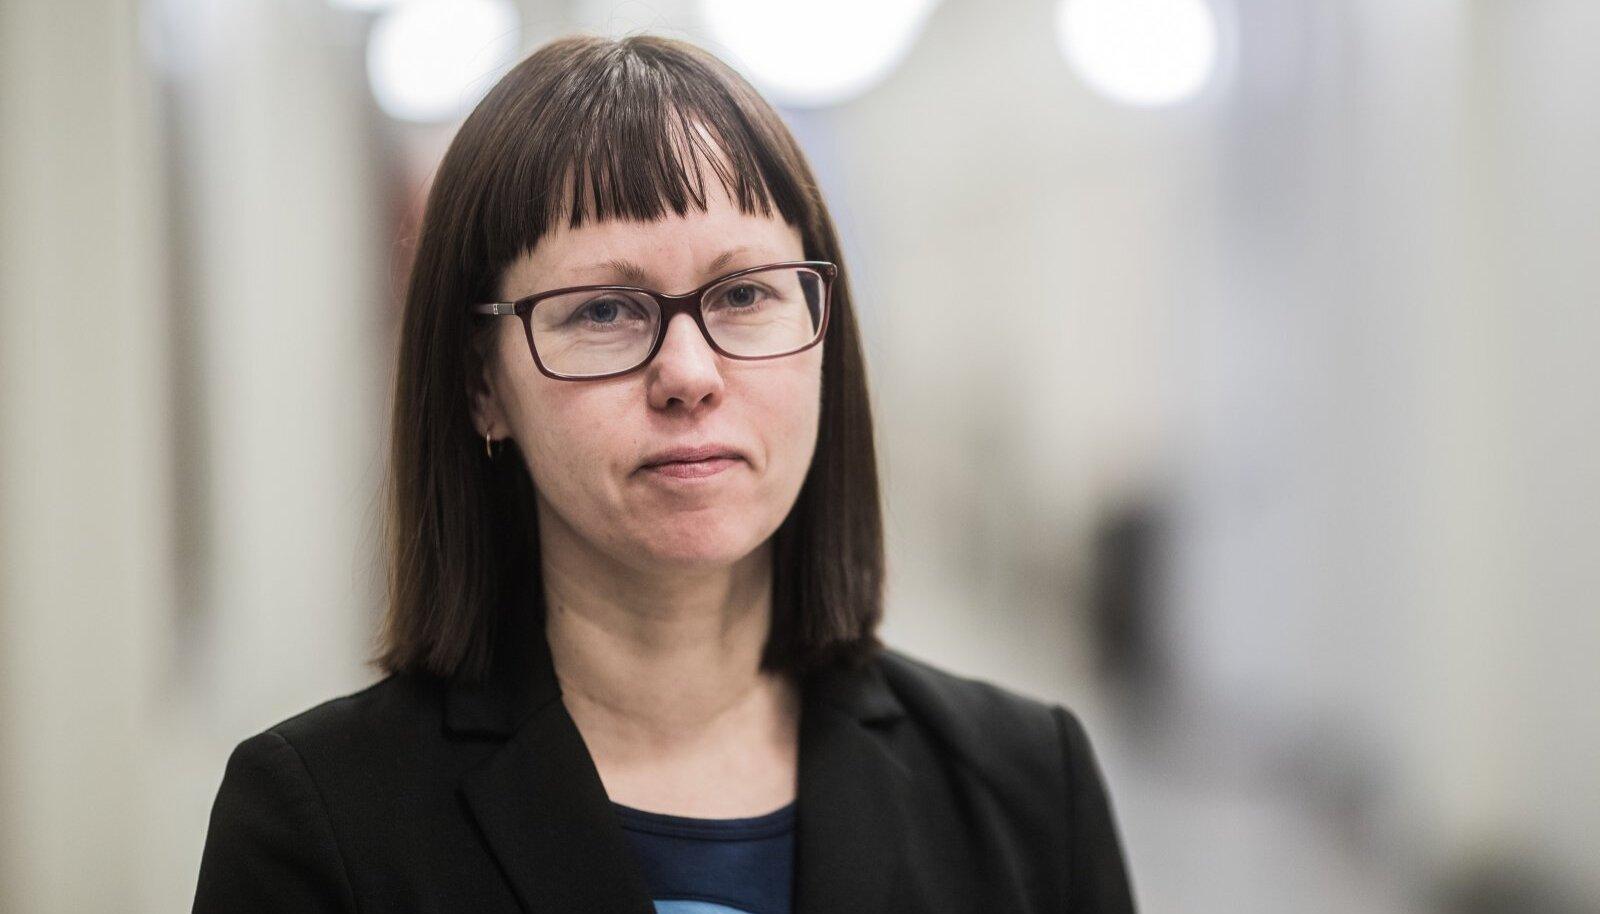 Et sideandmete kasutamisega seotud õigusakte tuleb Eestis muuta, oli riigikohtunik Saale Laose sõnul ammu teada. Nn koeravorstikaasus oli lihtsalt päästikuks.